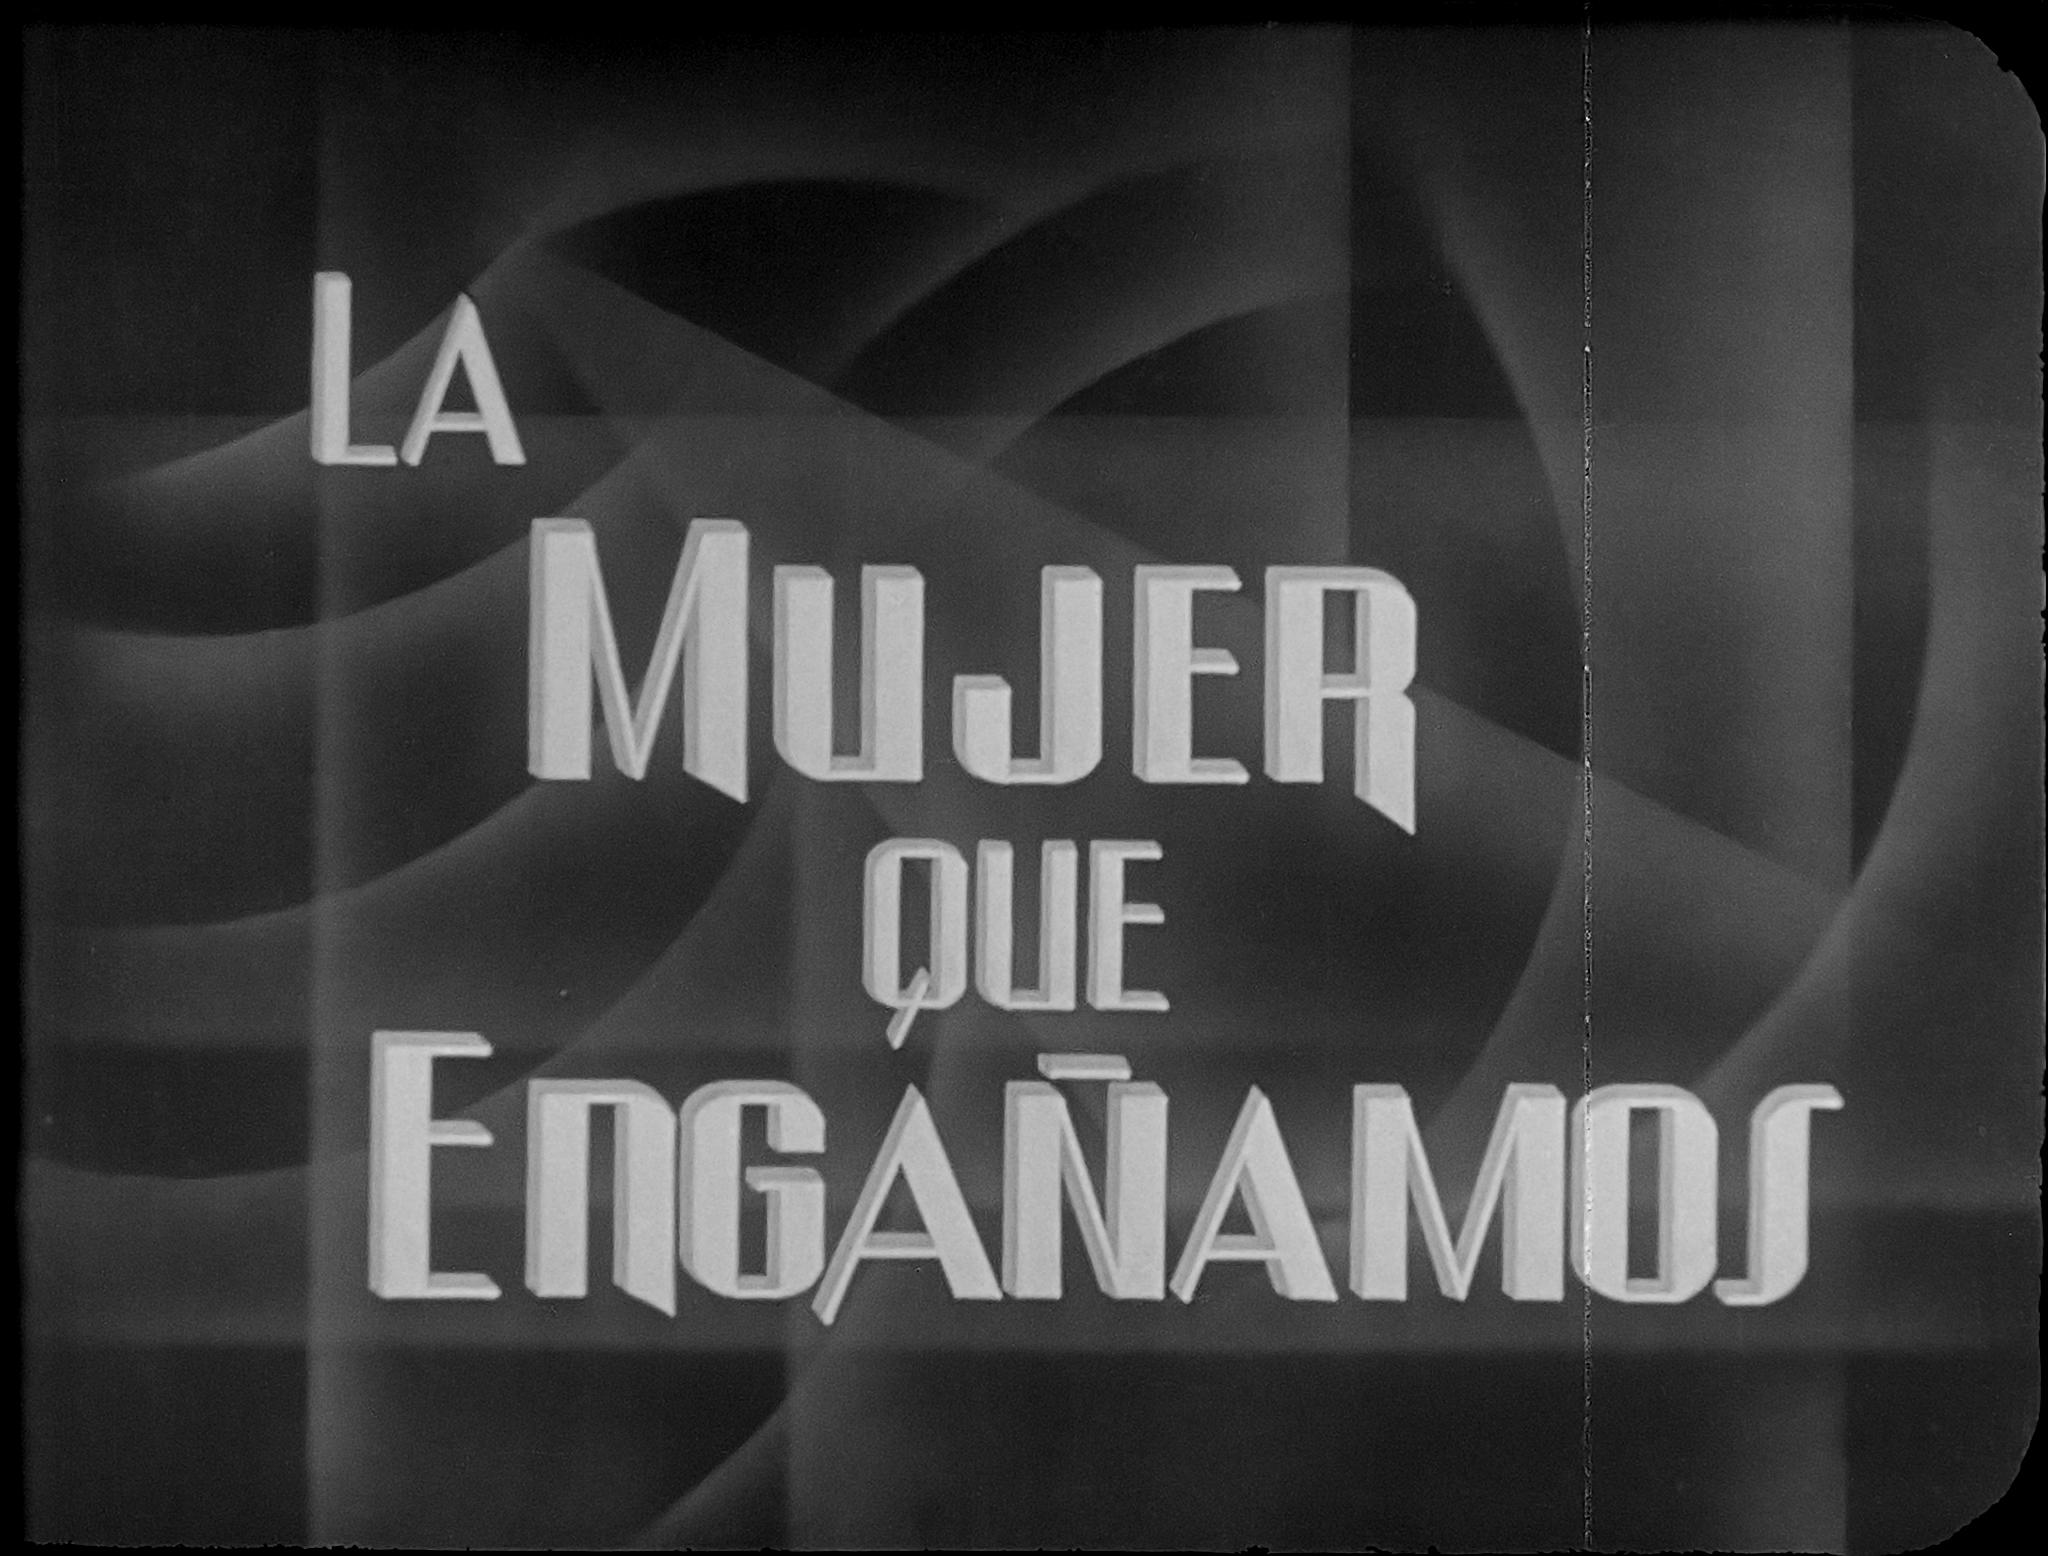 La mujer que engañamos (1945)